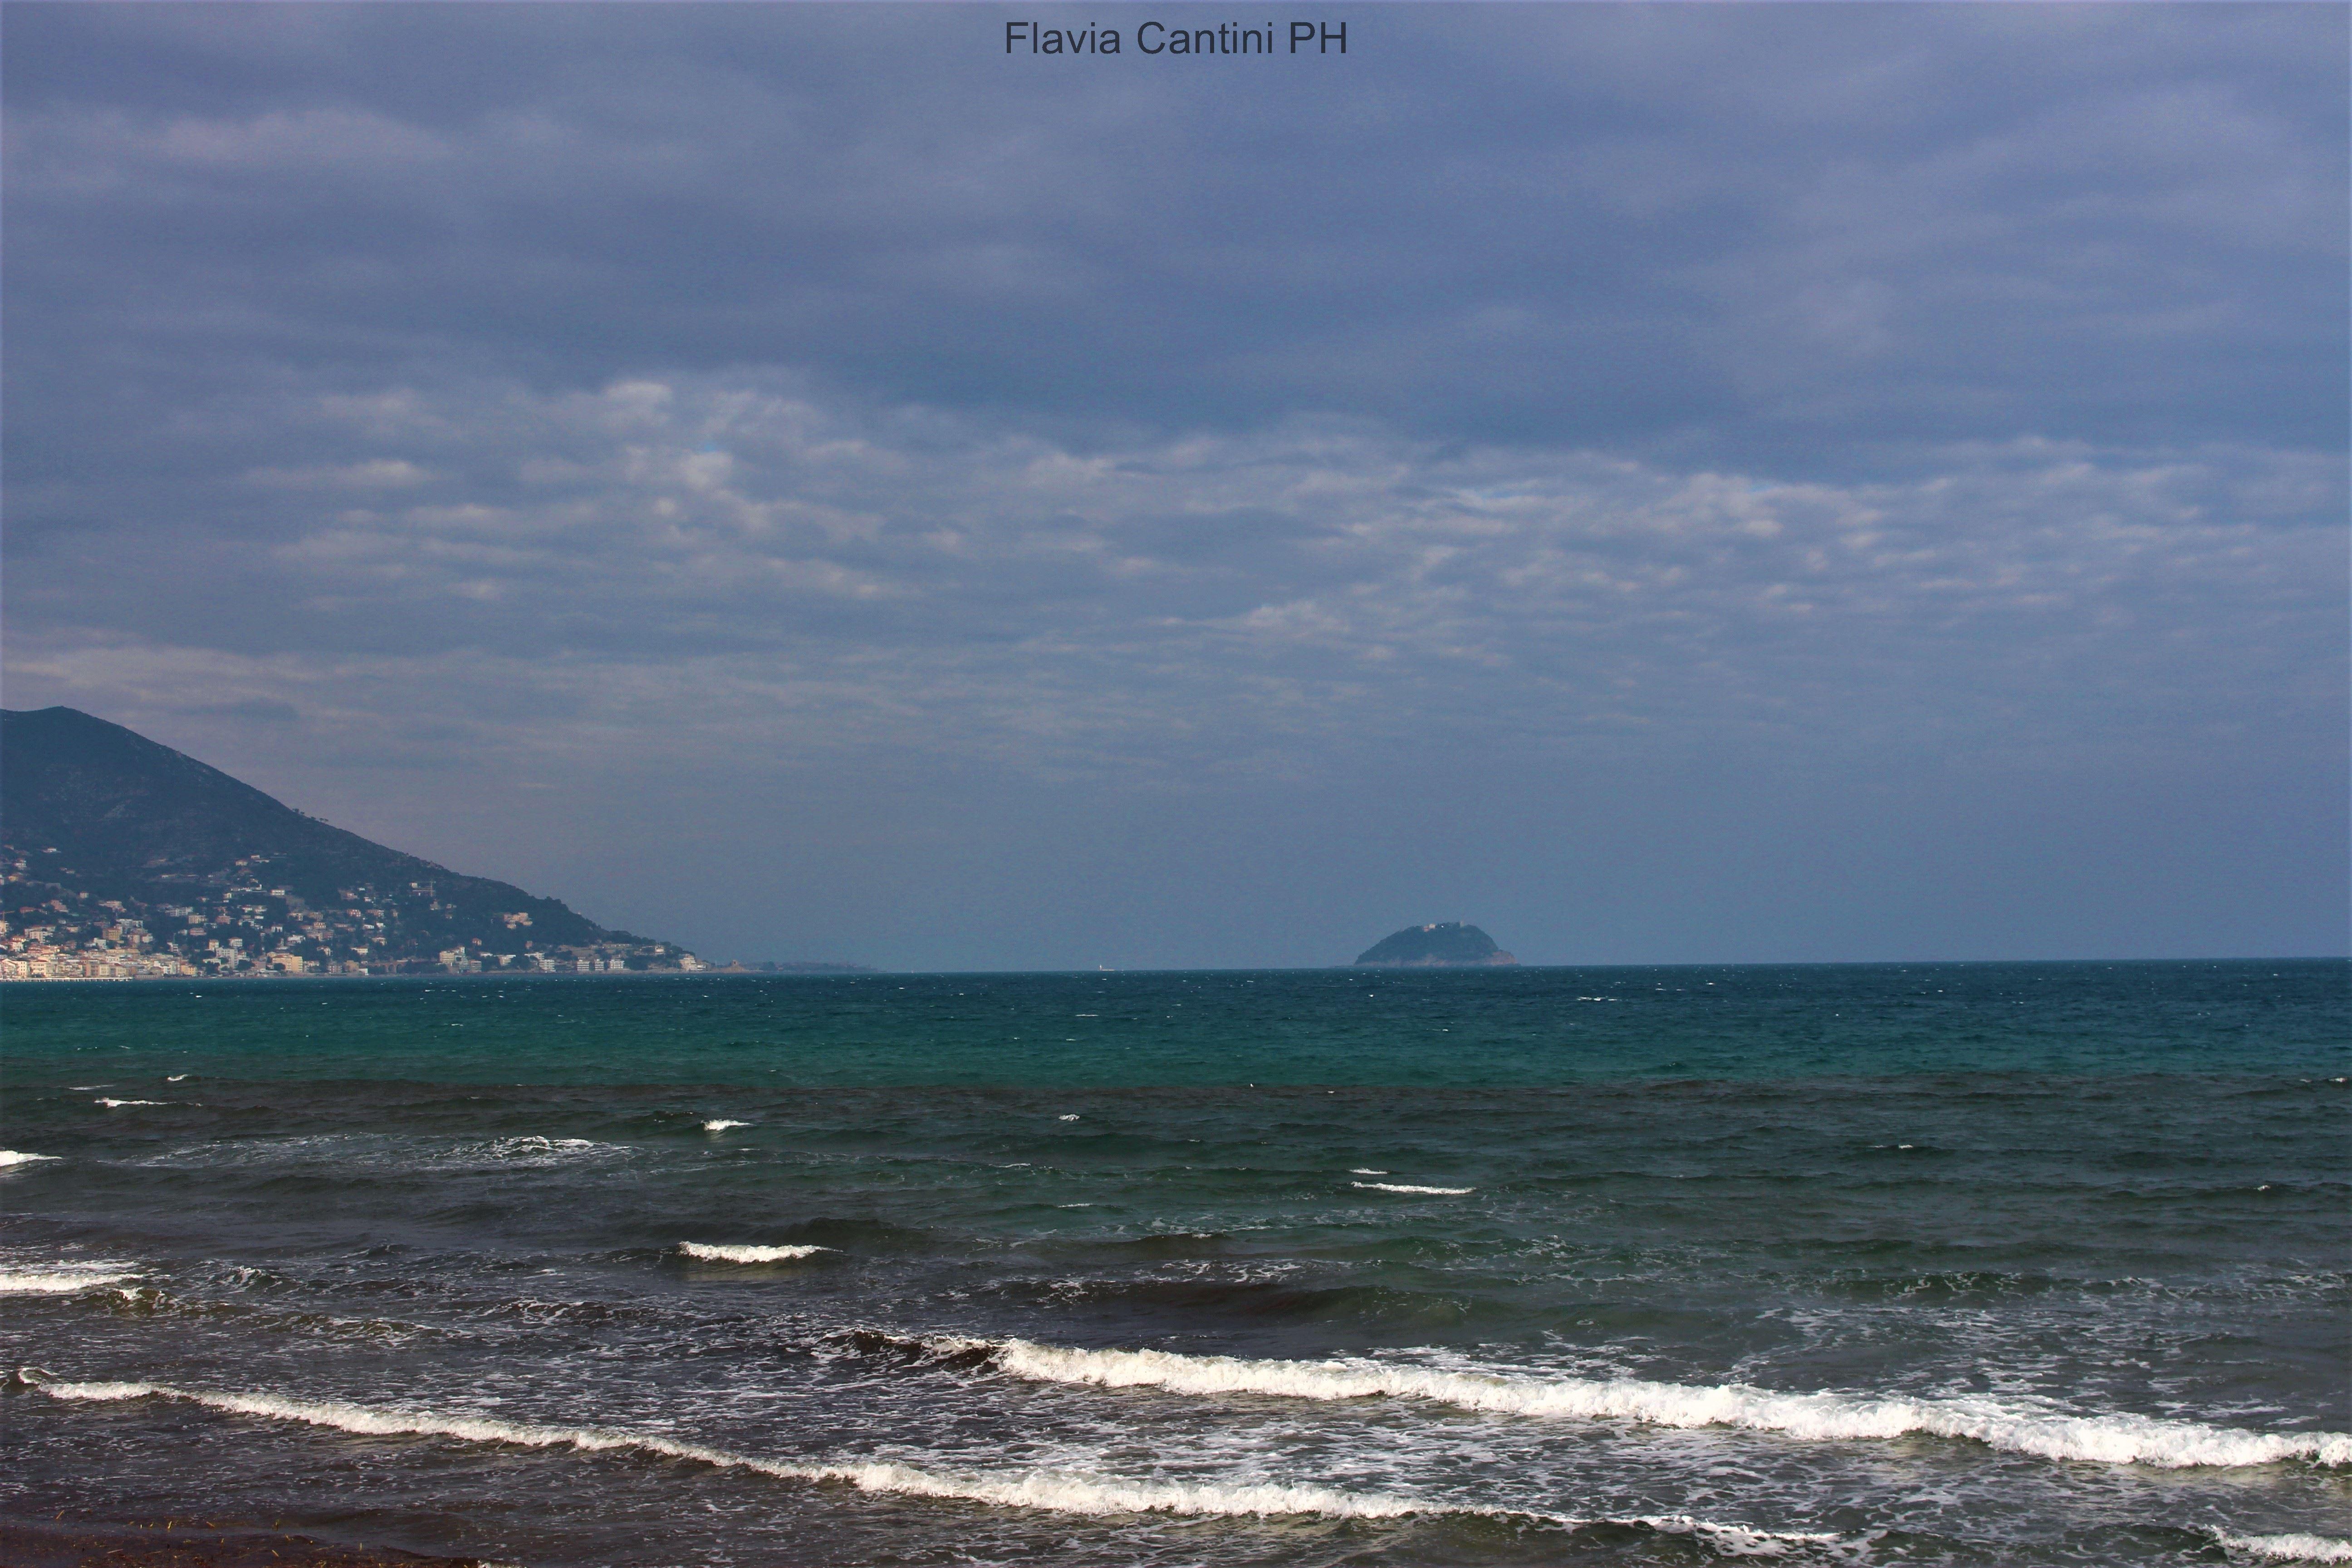 glam-liguria-laigueglia-flavia-cantini